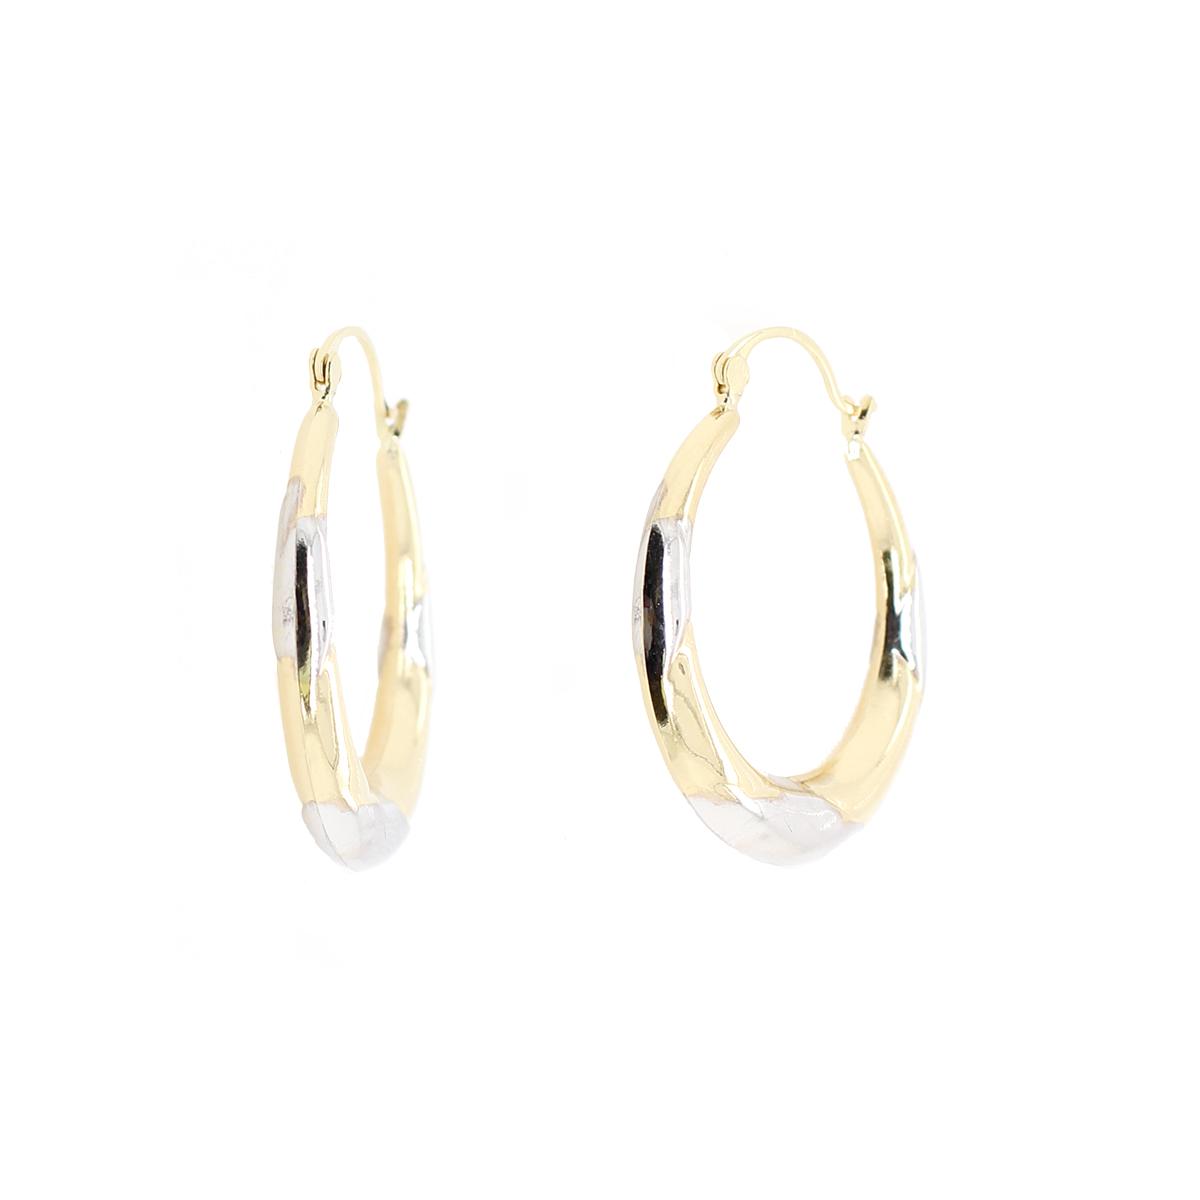 Vintage 14 Karat Yellow and White Gold Hoop Earrings